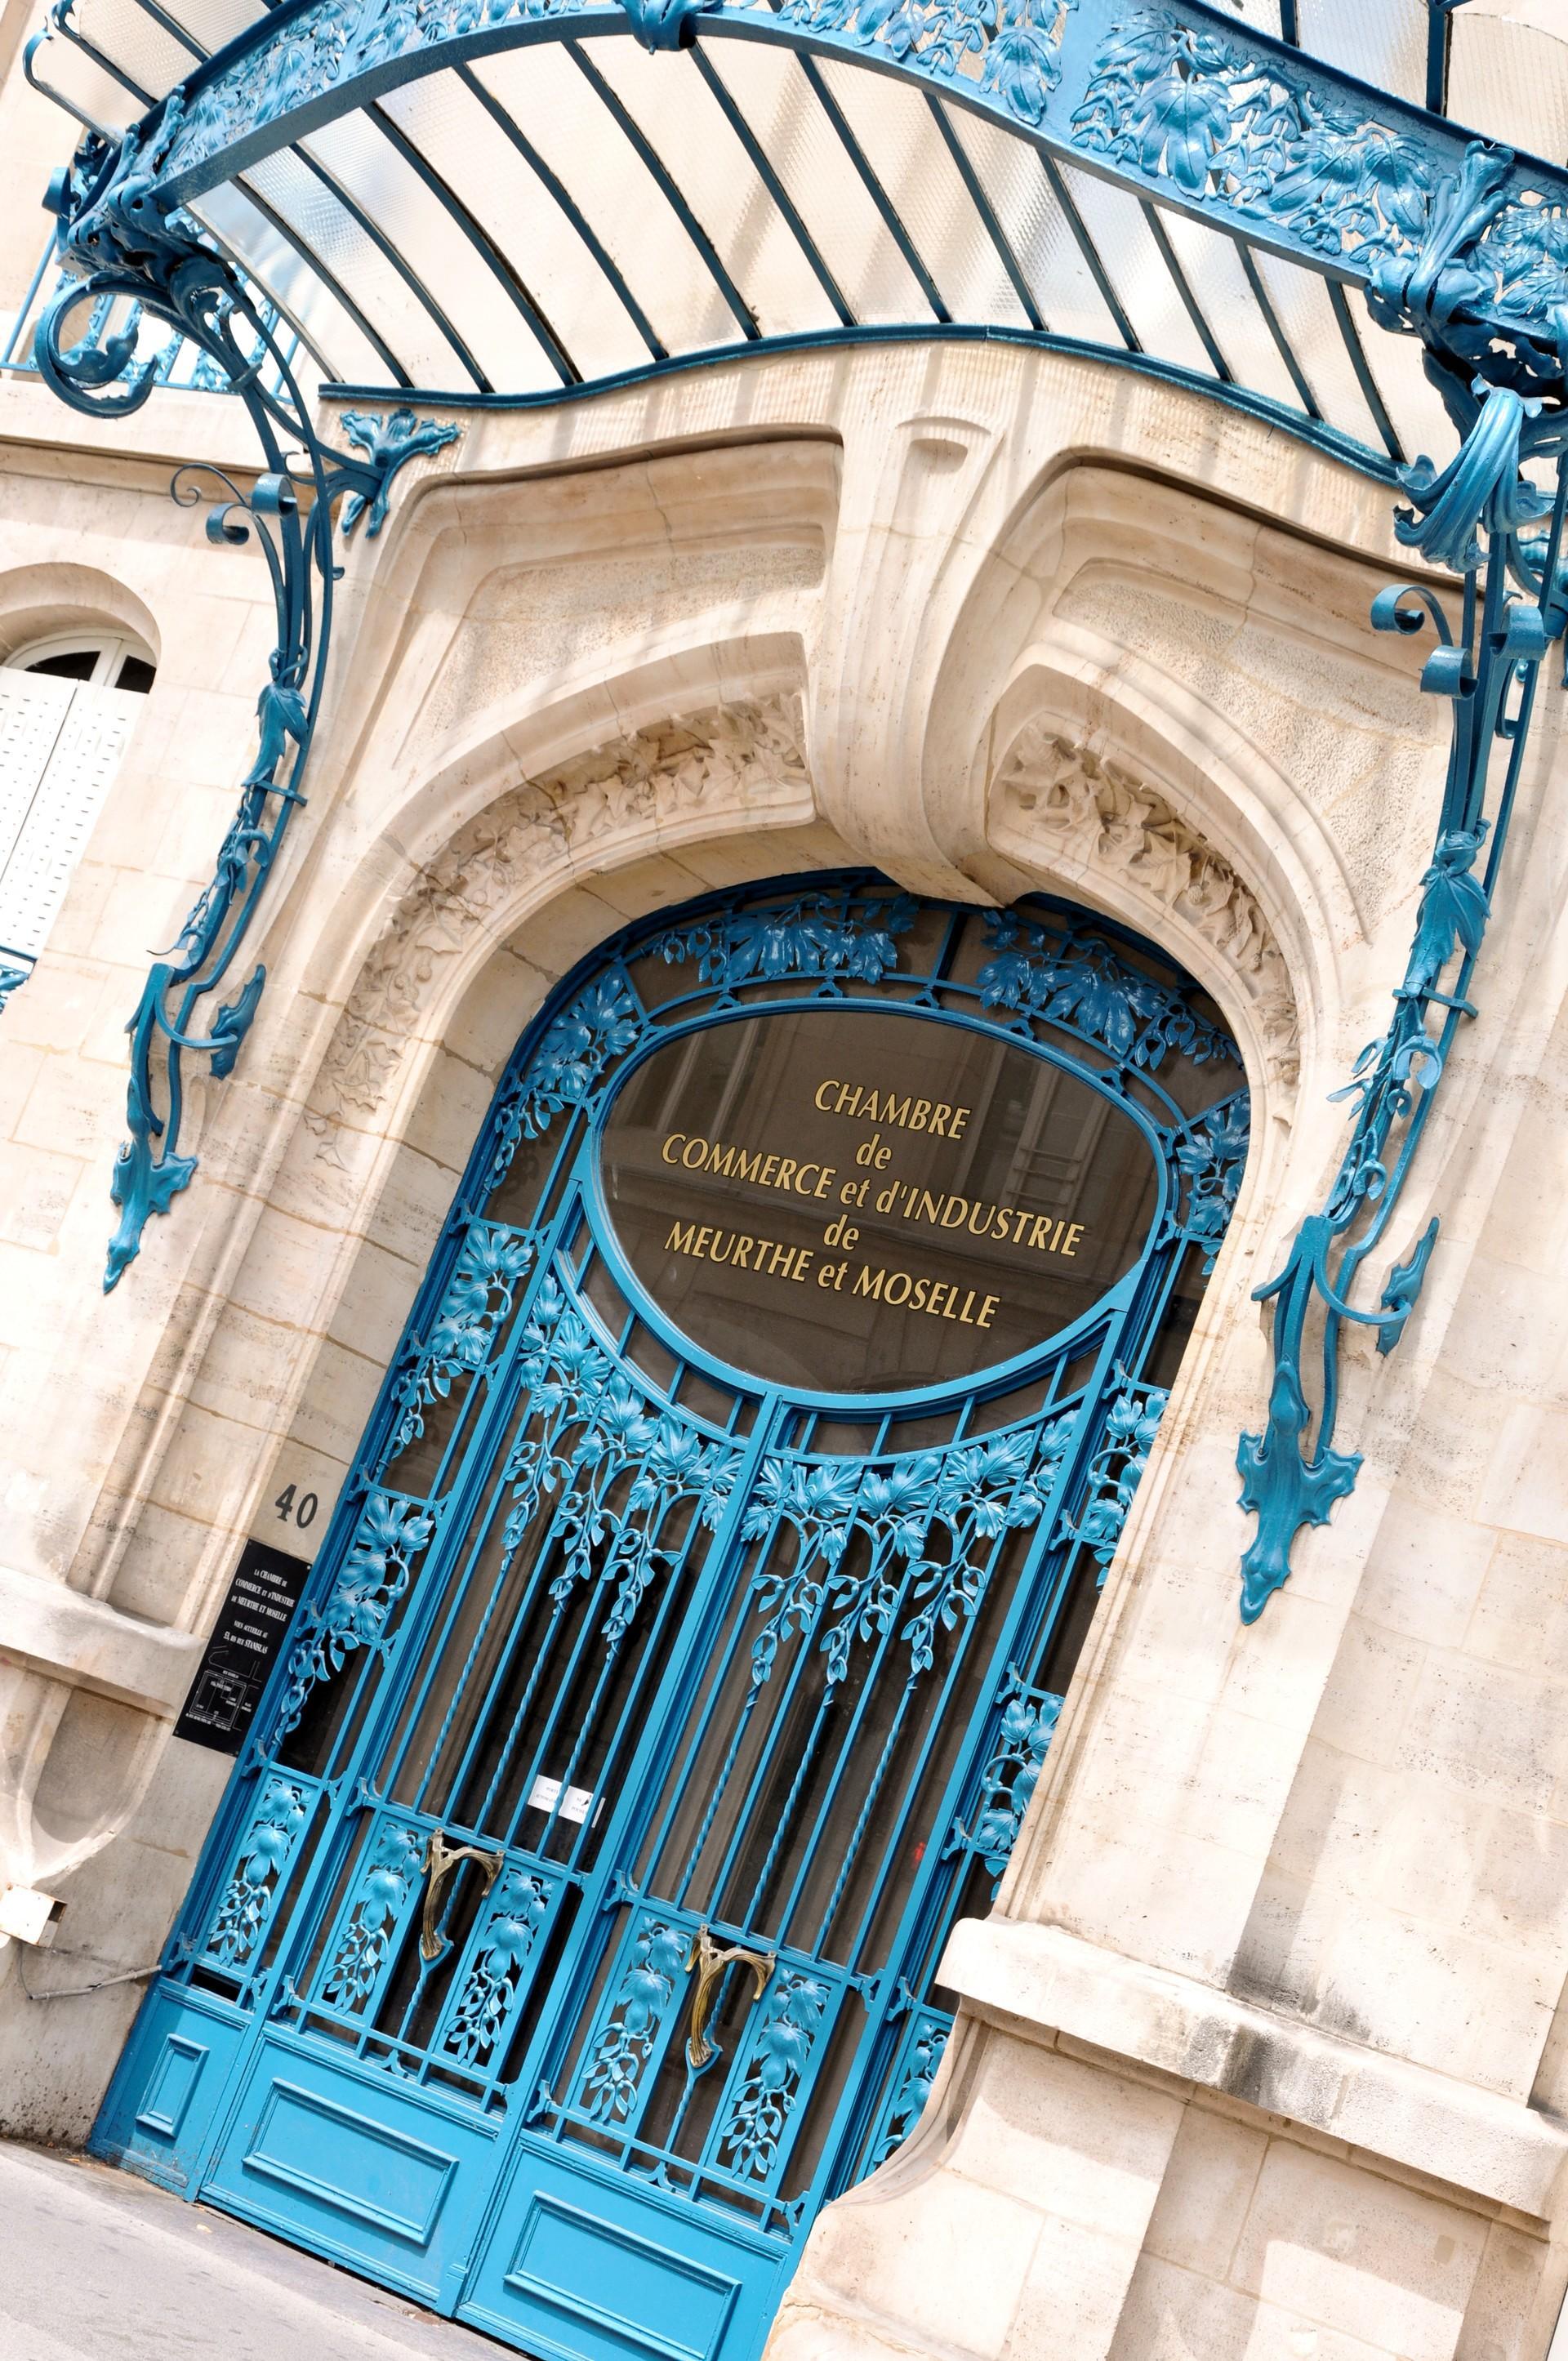 Visites guid es nancy tourisme - Chambre du commerce bayonne ...